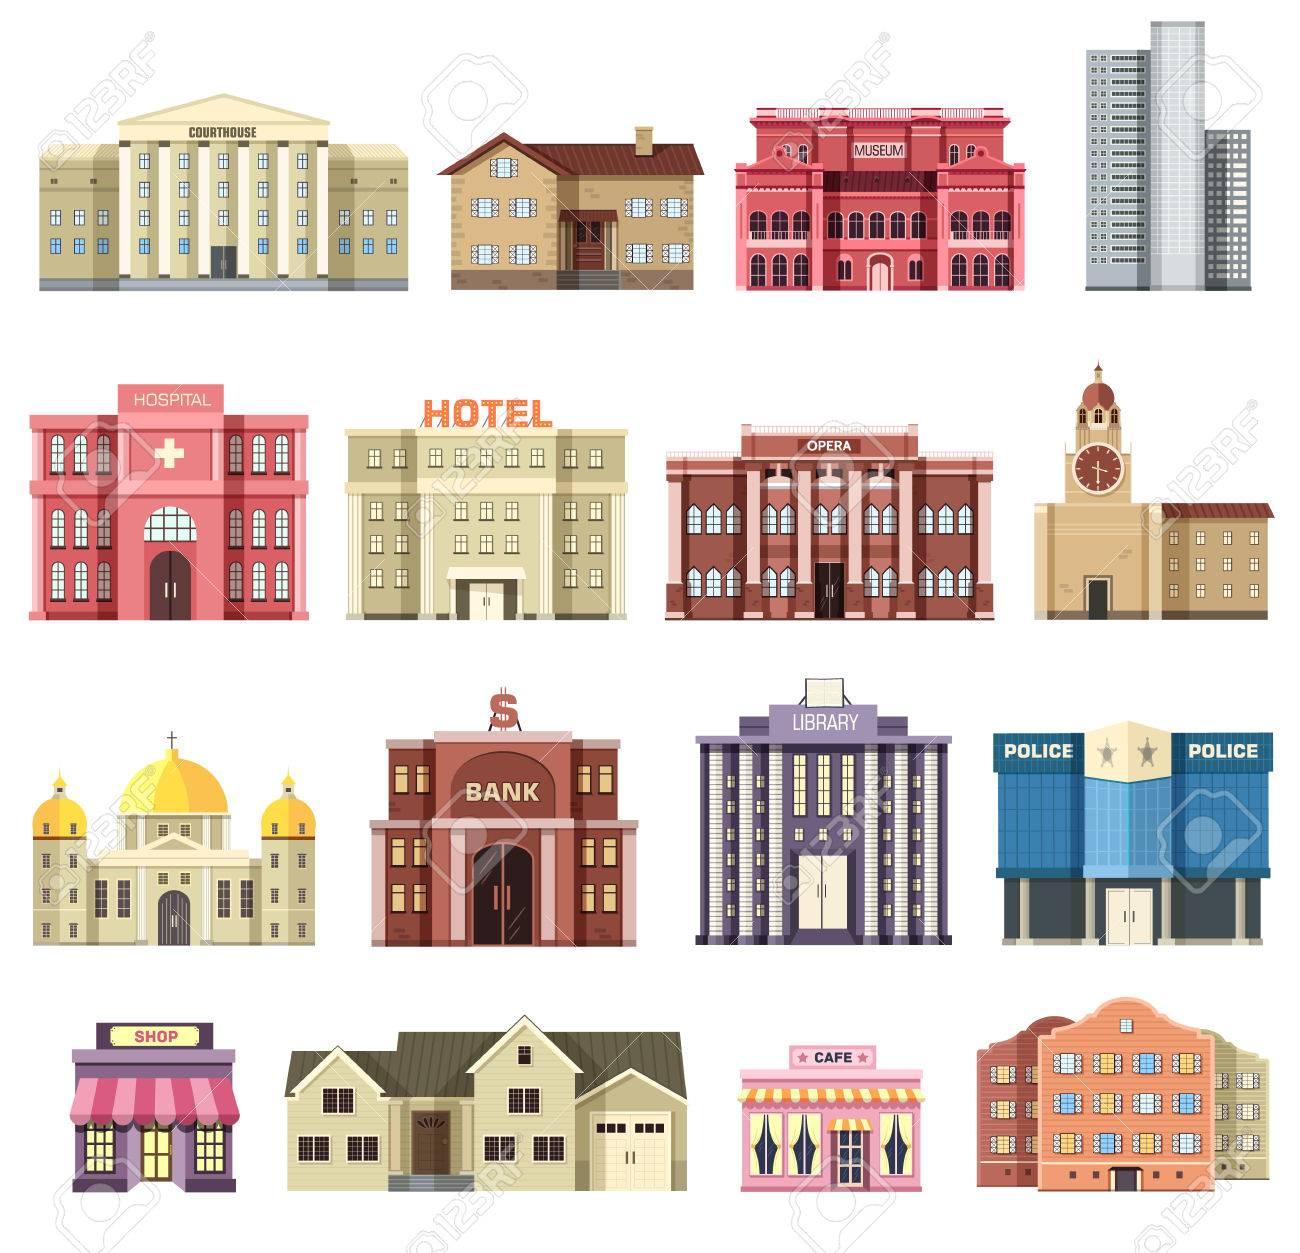 Agreable Appartement Coloré Bâtiments Vecteur De La Ville Mis. Icône Fond Concept  Design. Architecture Construction